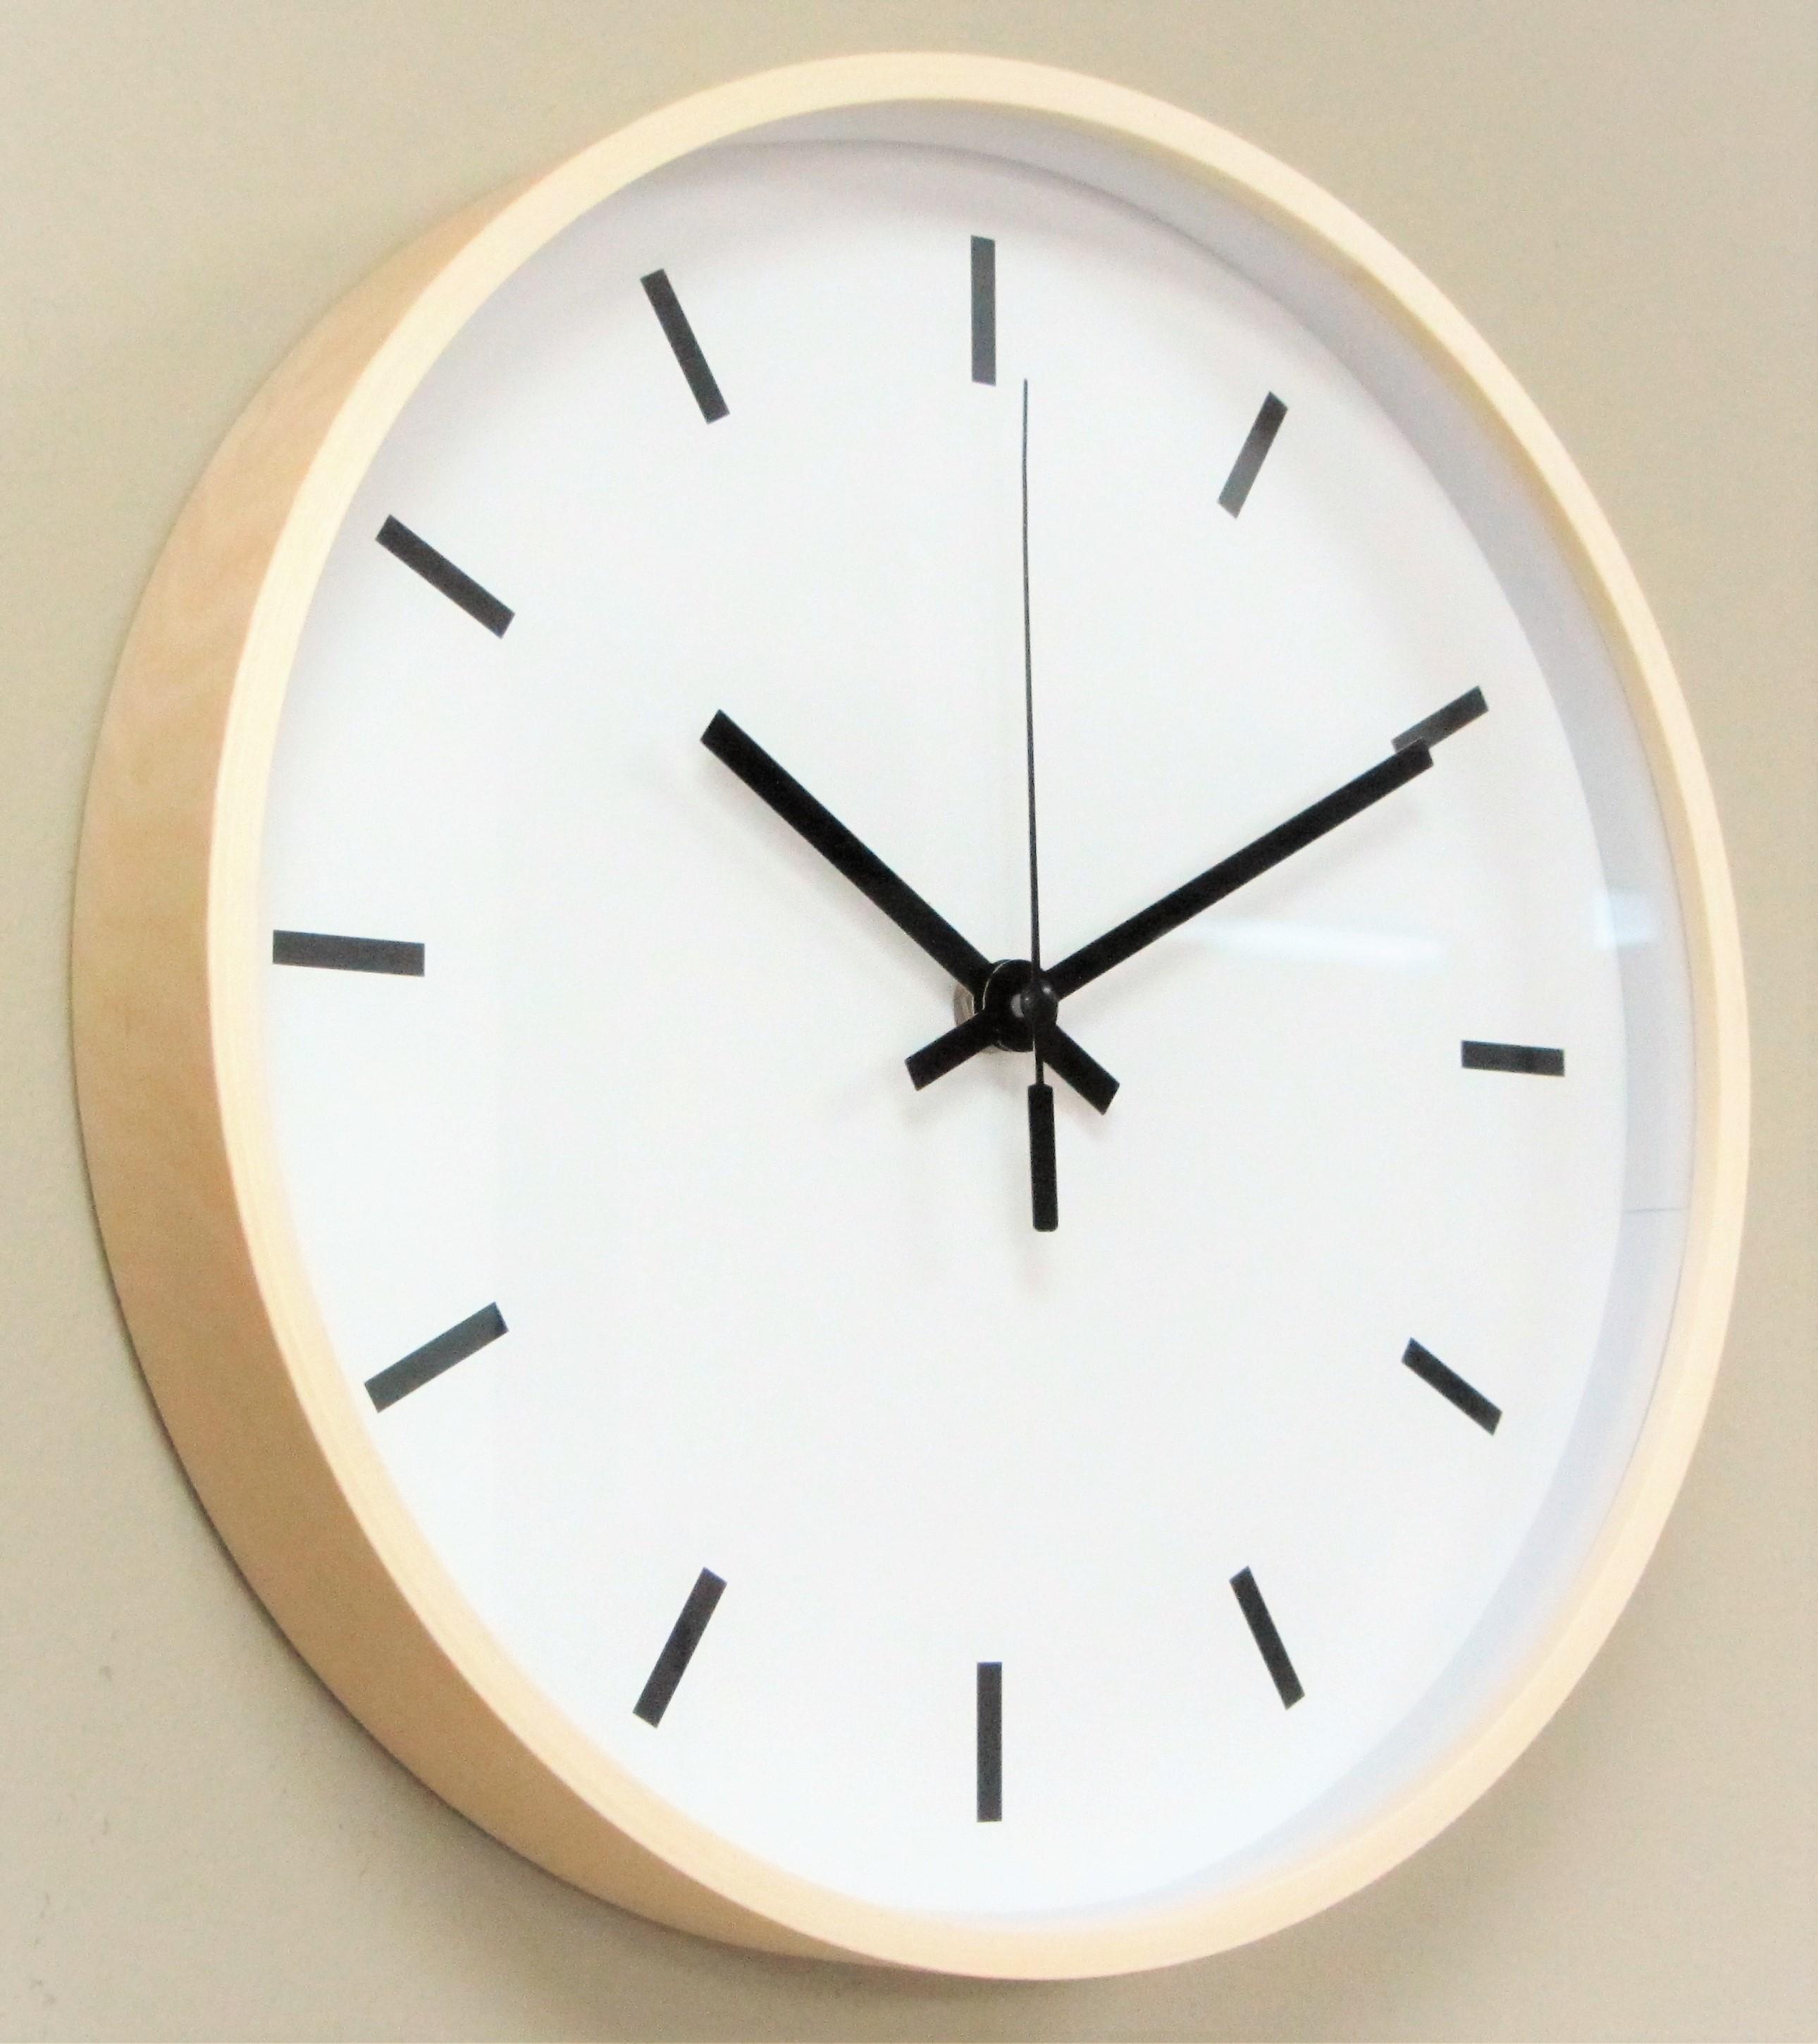 IMC Wanduhr Holz Uhr Büro Küche Wohnzimmer modern großes Ziffernblatt weiß  gut lesbar Quartz XL